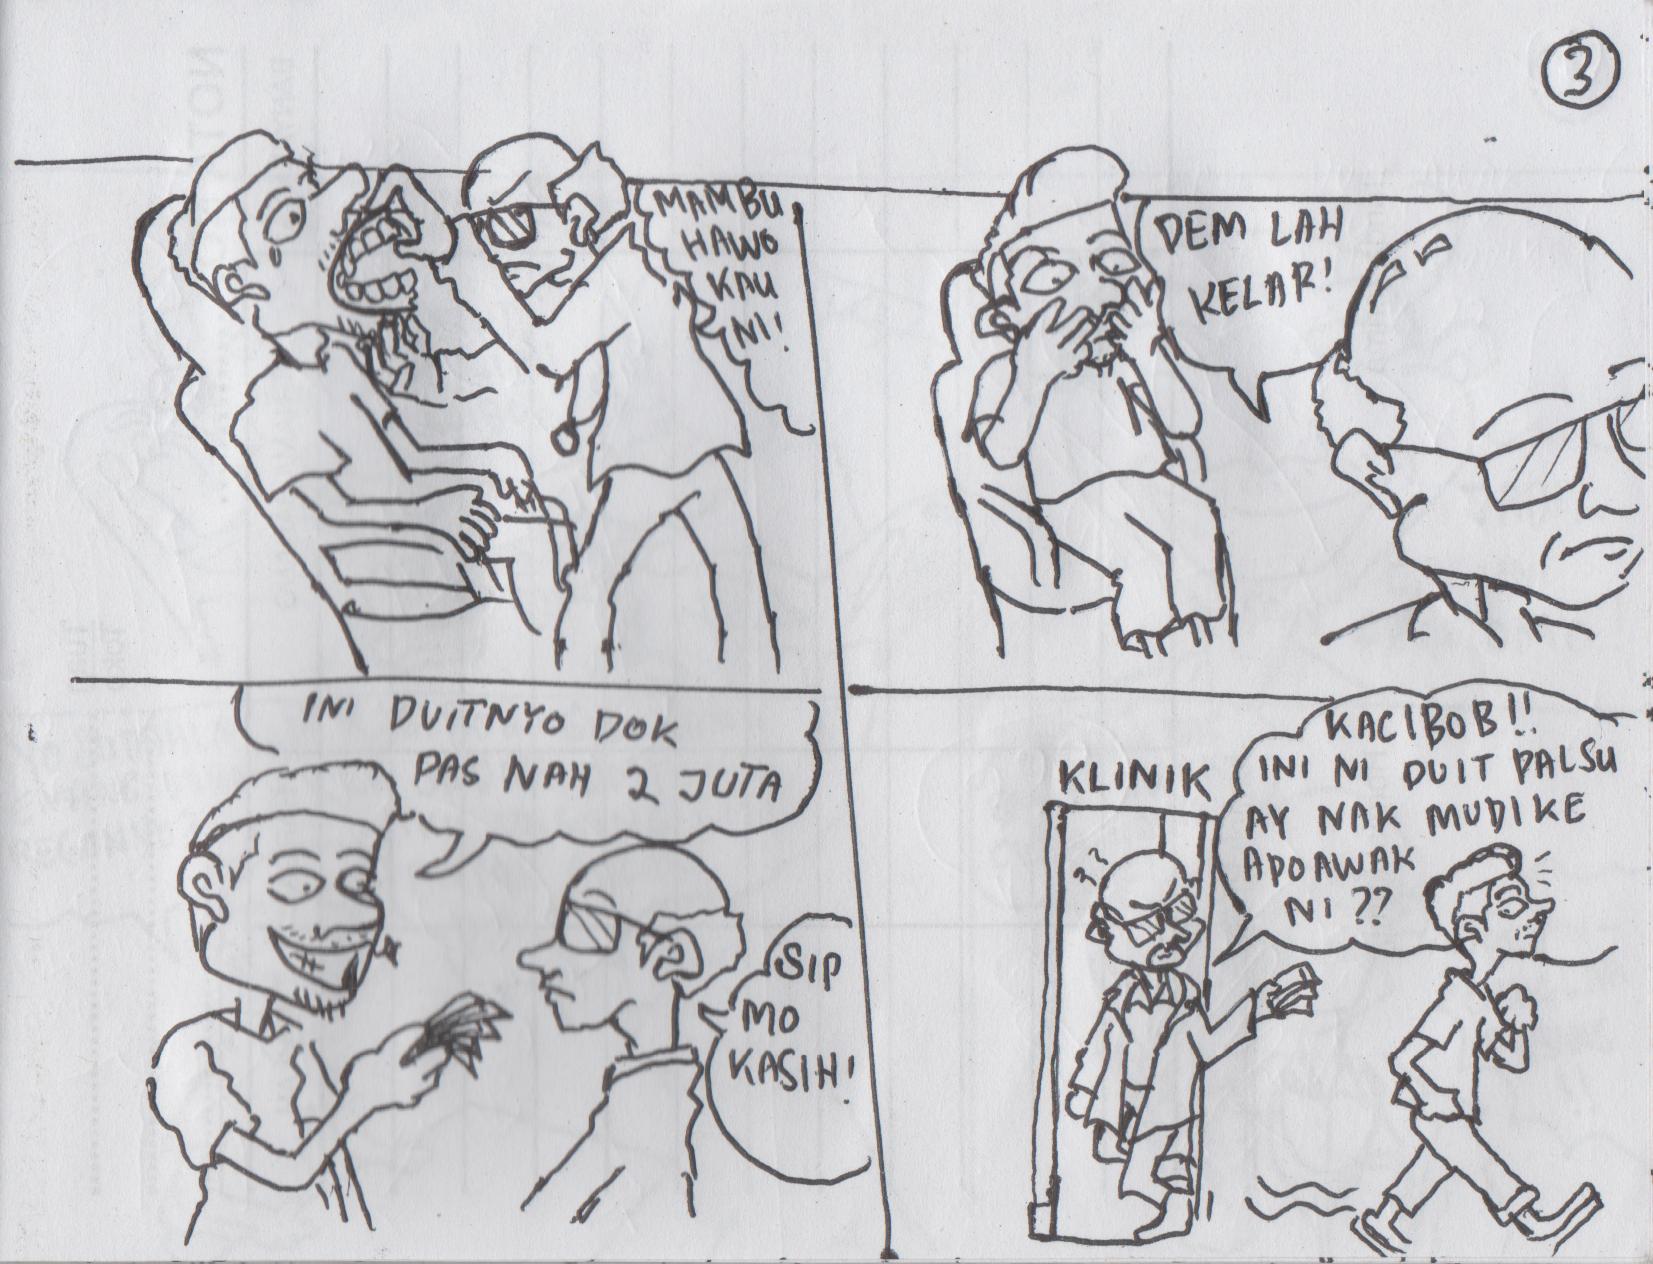 kacibob-gigi-palsu-page-3